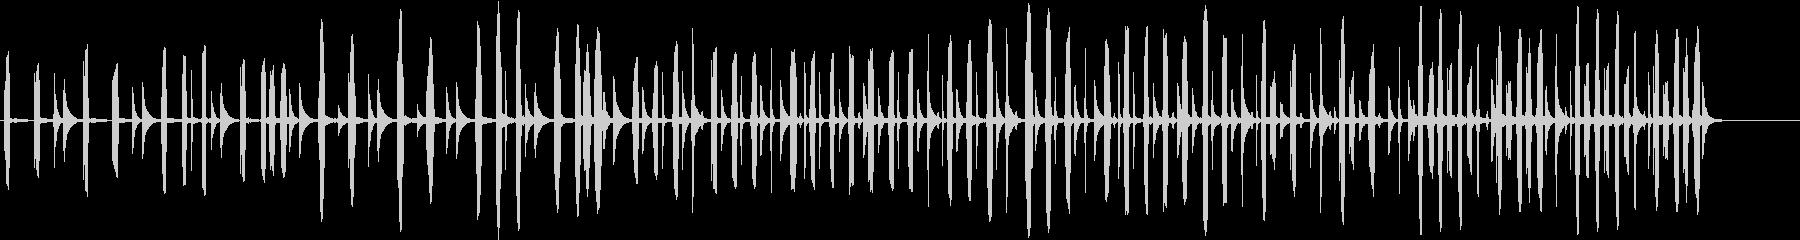 リコーダーのほのぼのした印象の曲の未再生の波形